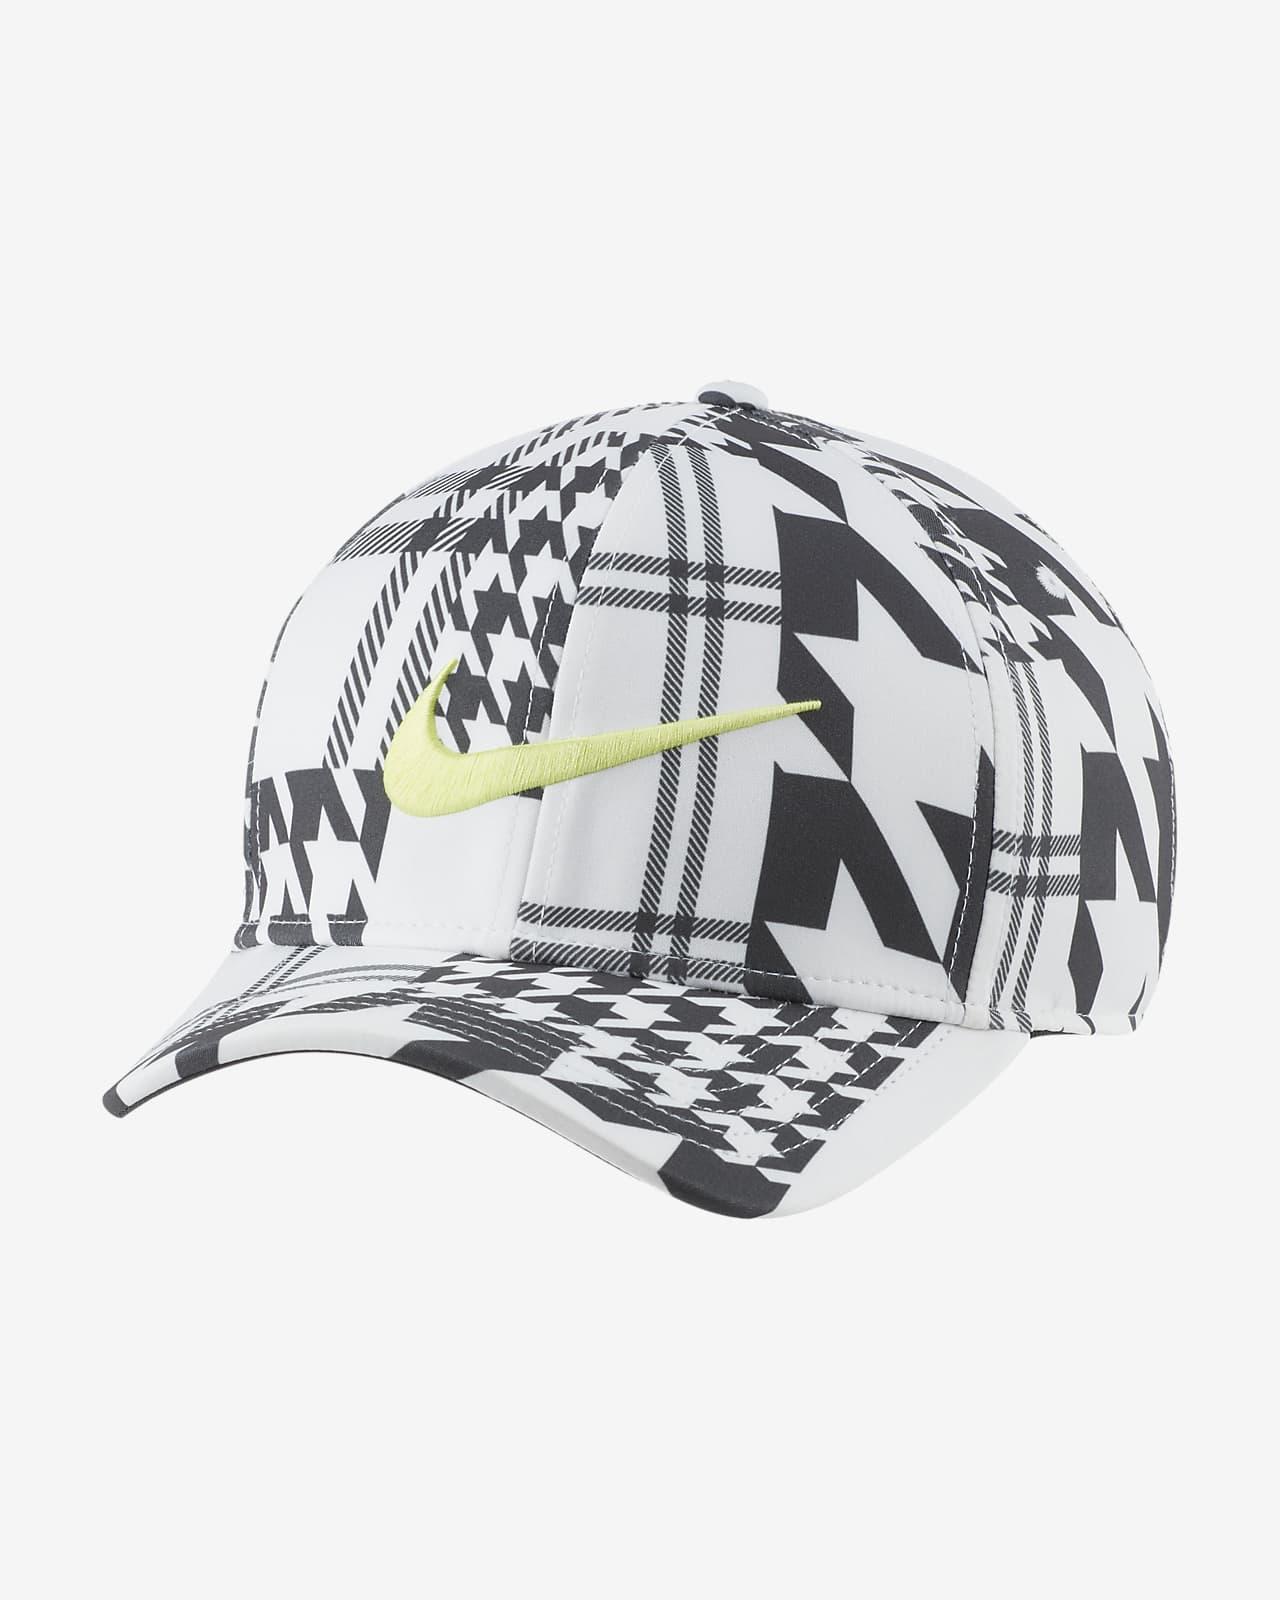 Бейсболка для гольфа с принтом Nike AeroBill Classic99